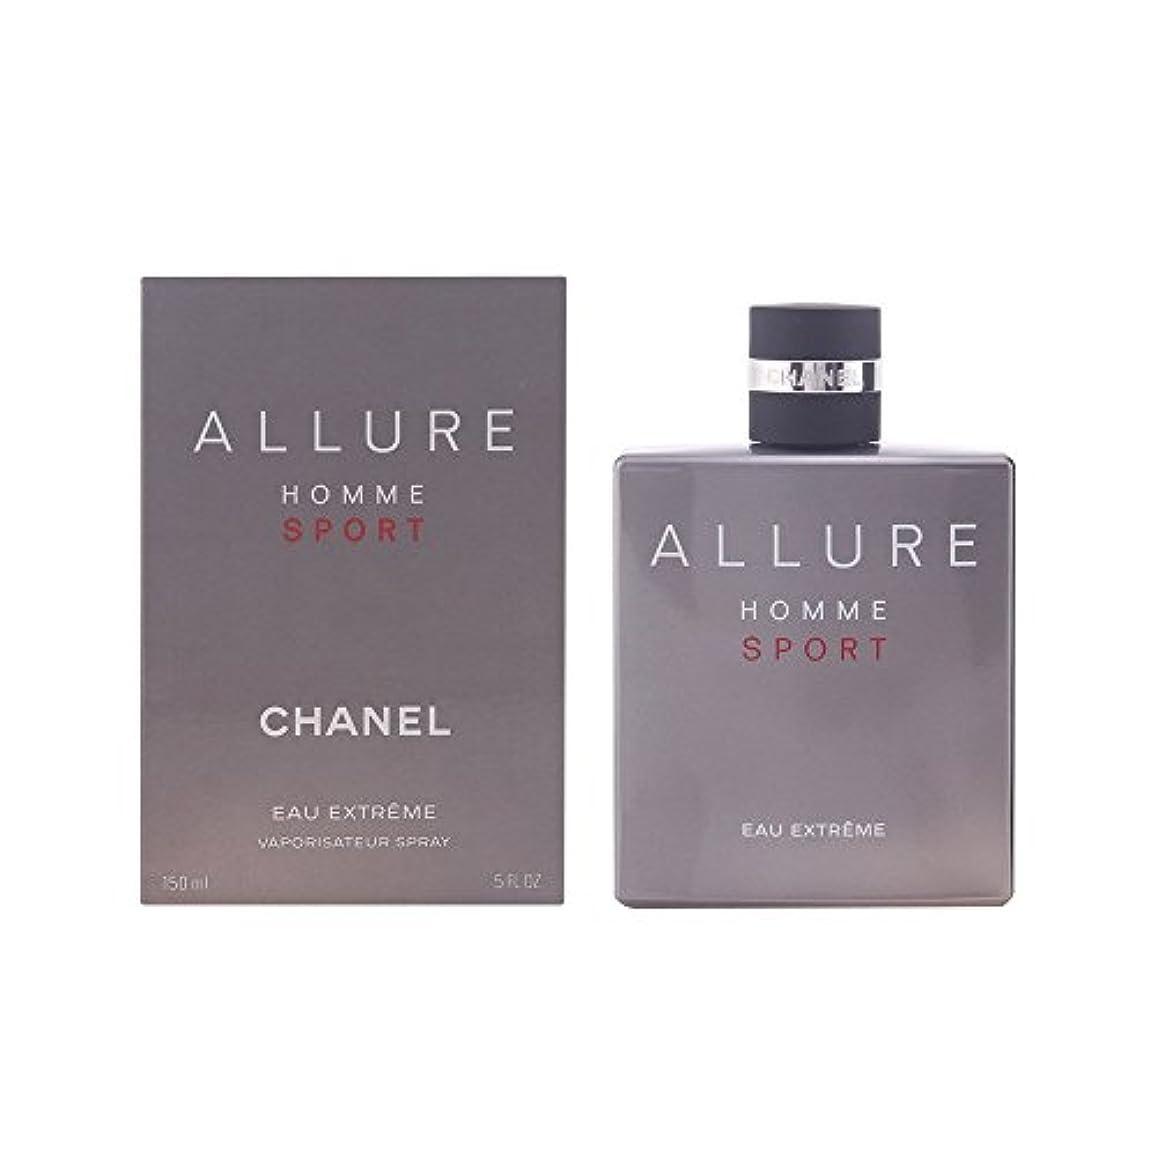 検索エンジン最適化フリース再びシャネル(CHANEL) Allure Homme Sport Eau Extreme Eau De Parfum Spray 150ml/5oz[並行輸入品]